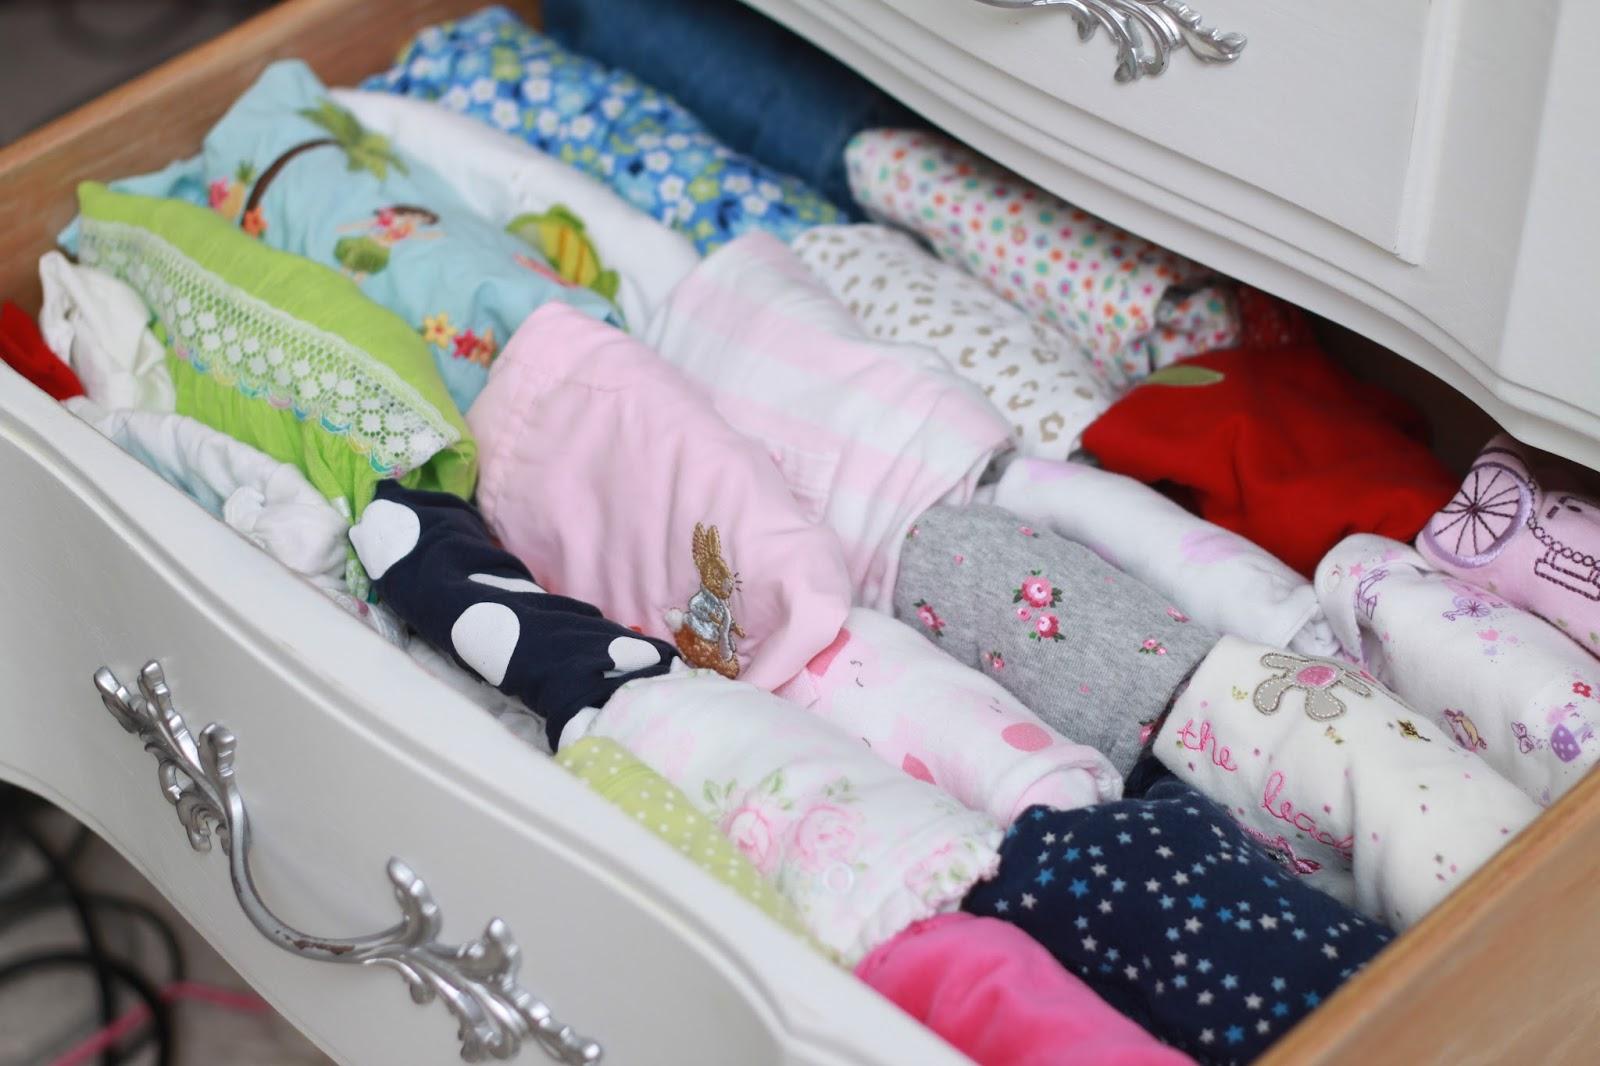 baby dresser organized